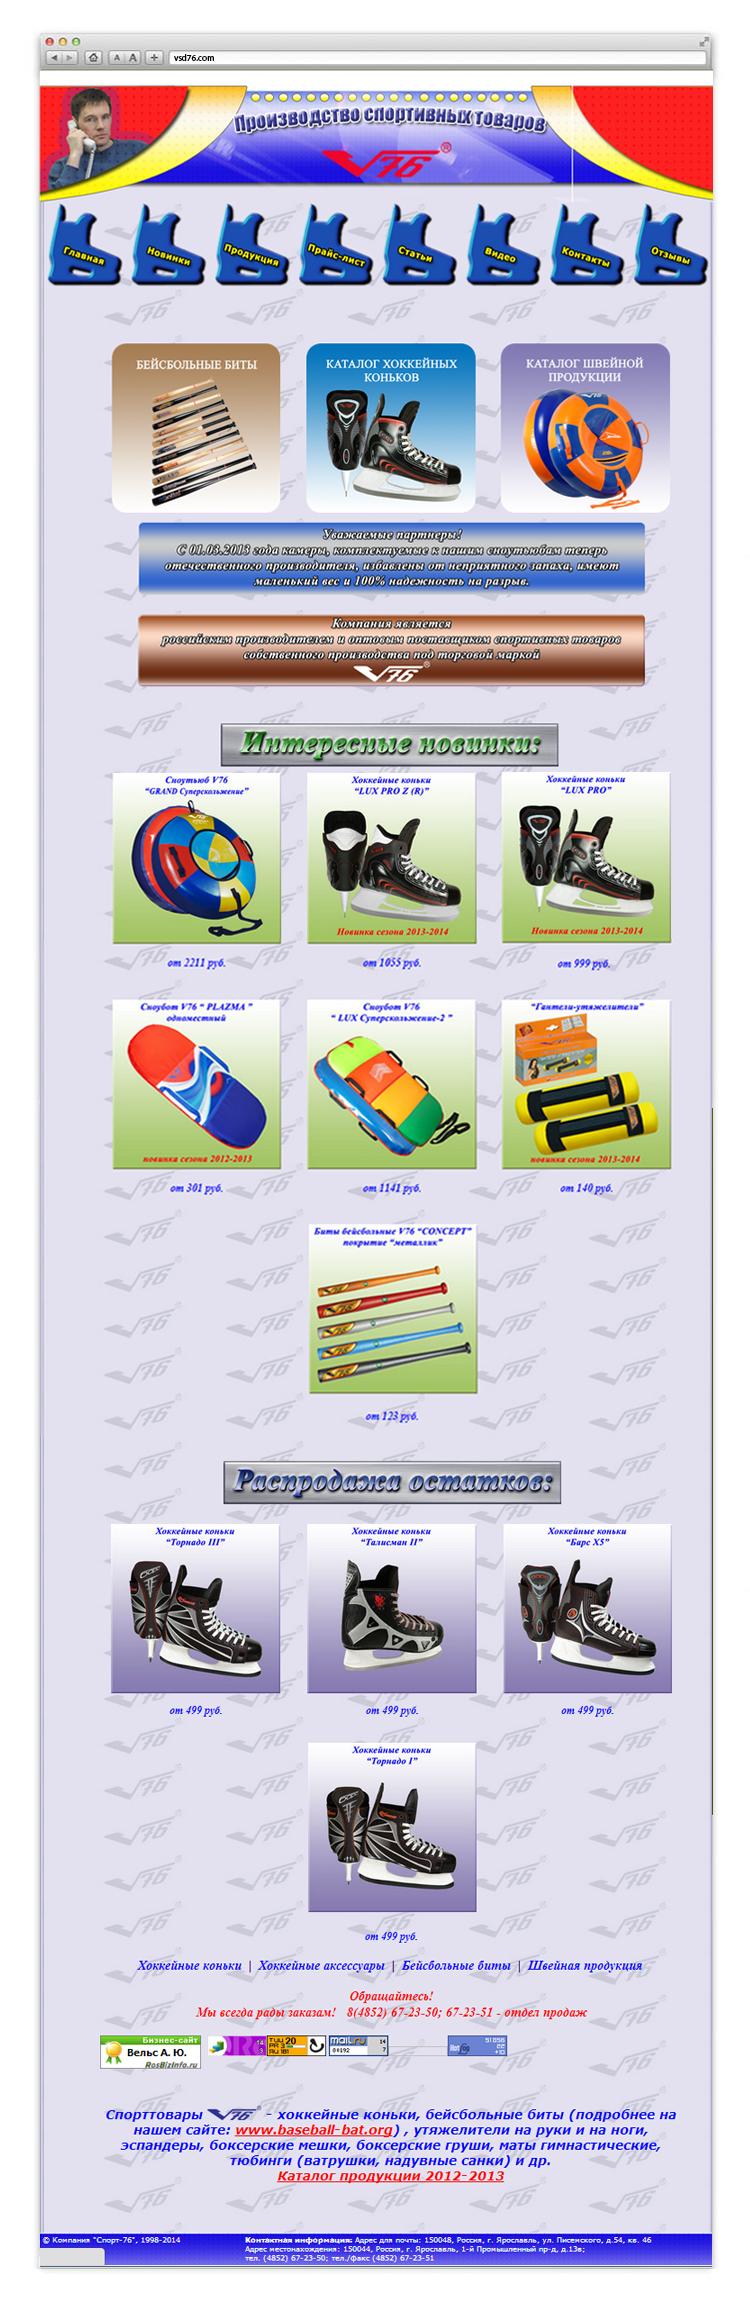 Продвижение сайта ФабрикаСпорт76 - изображение 1